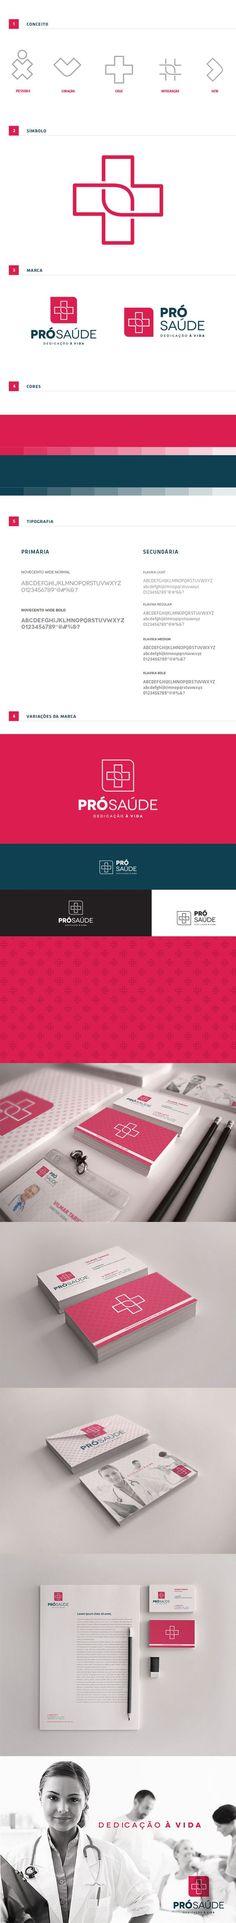 Branding Pró-Saúde by Diogo Torres Tesch , via Behance: